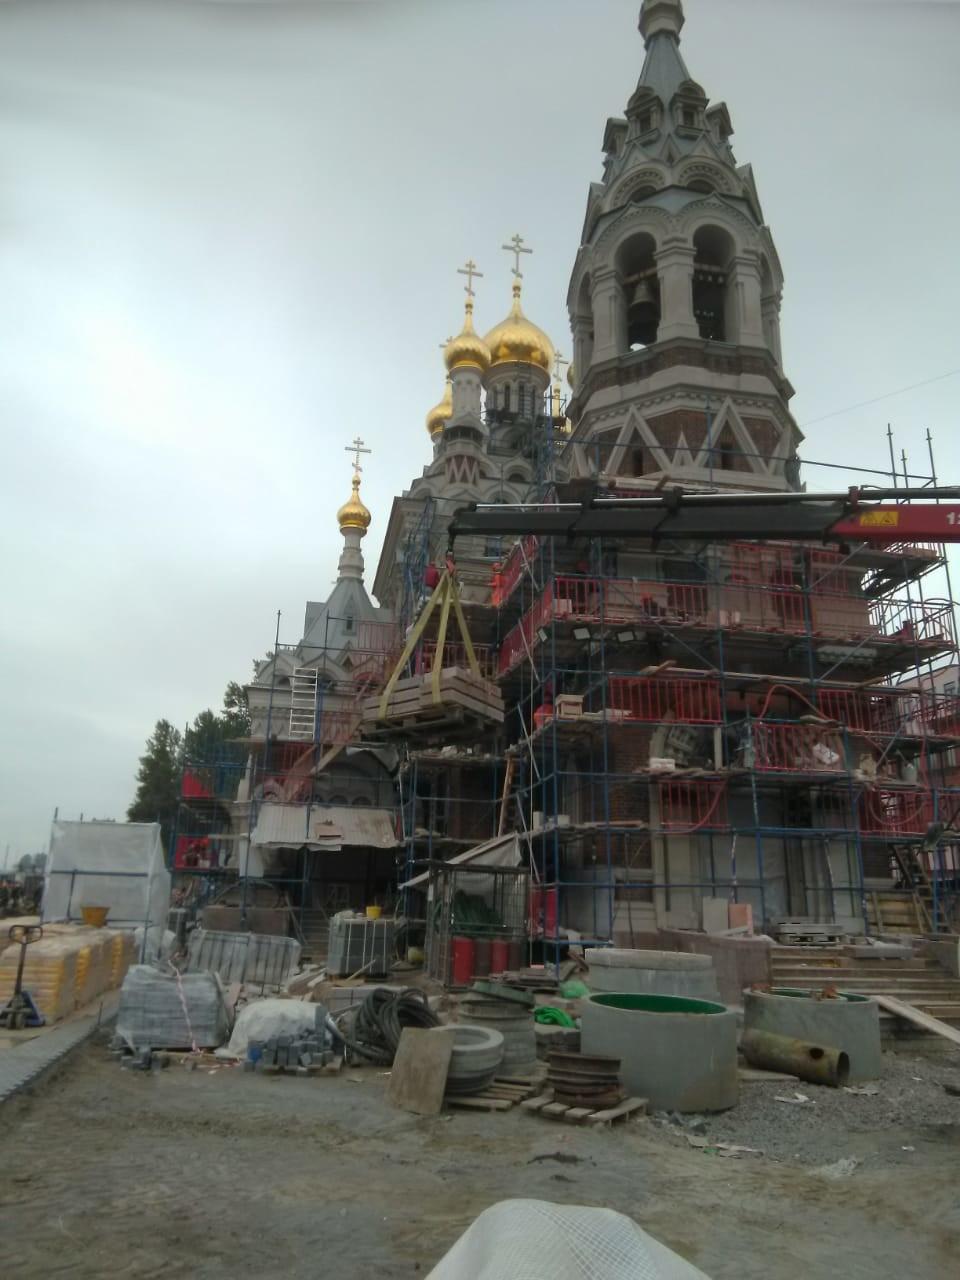 Обуховской обороны 24, Церковь иконы Божией Матери «Всех Скорбящих Радости» (Скорбященская церковь) ремонт и реставрация.